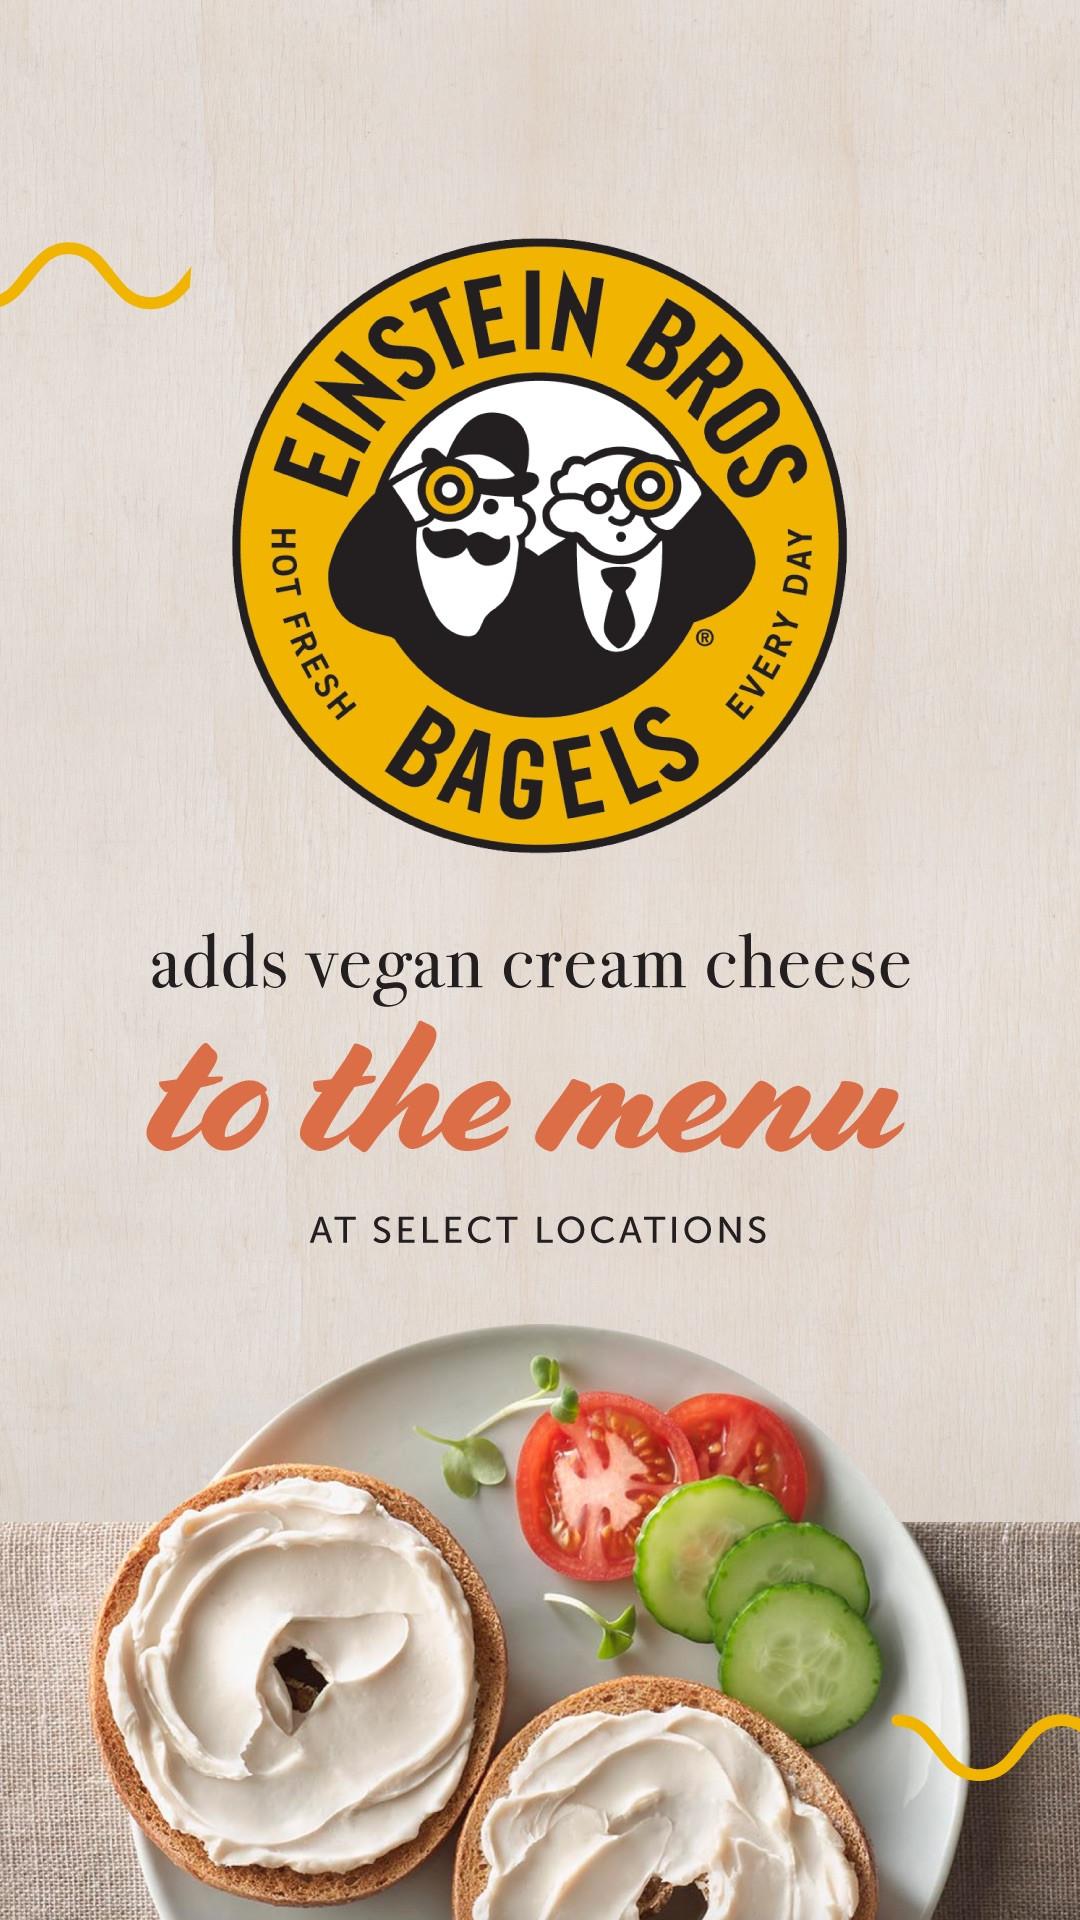 Einstein Bros Bagels Vegan  Einstein Bros Bagels Adds Vegan Cream Cheese at Select